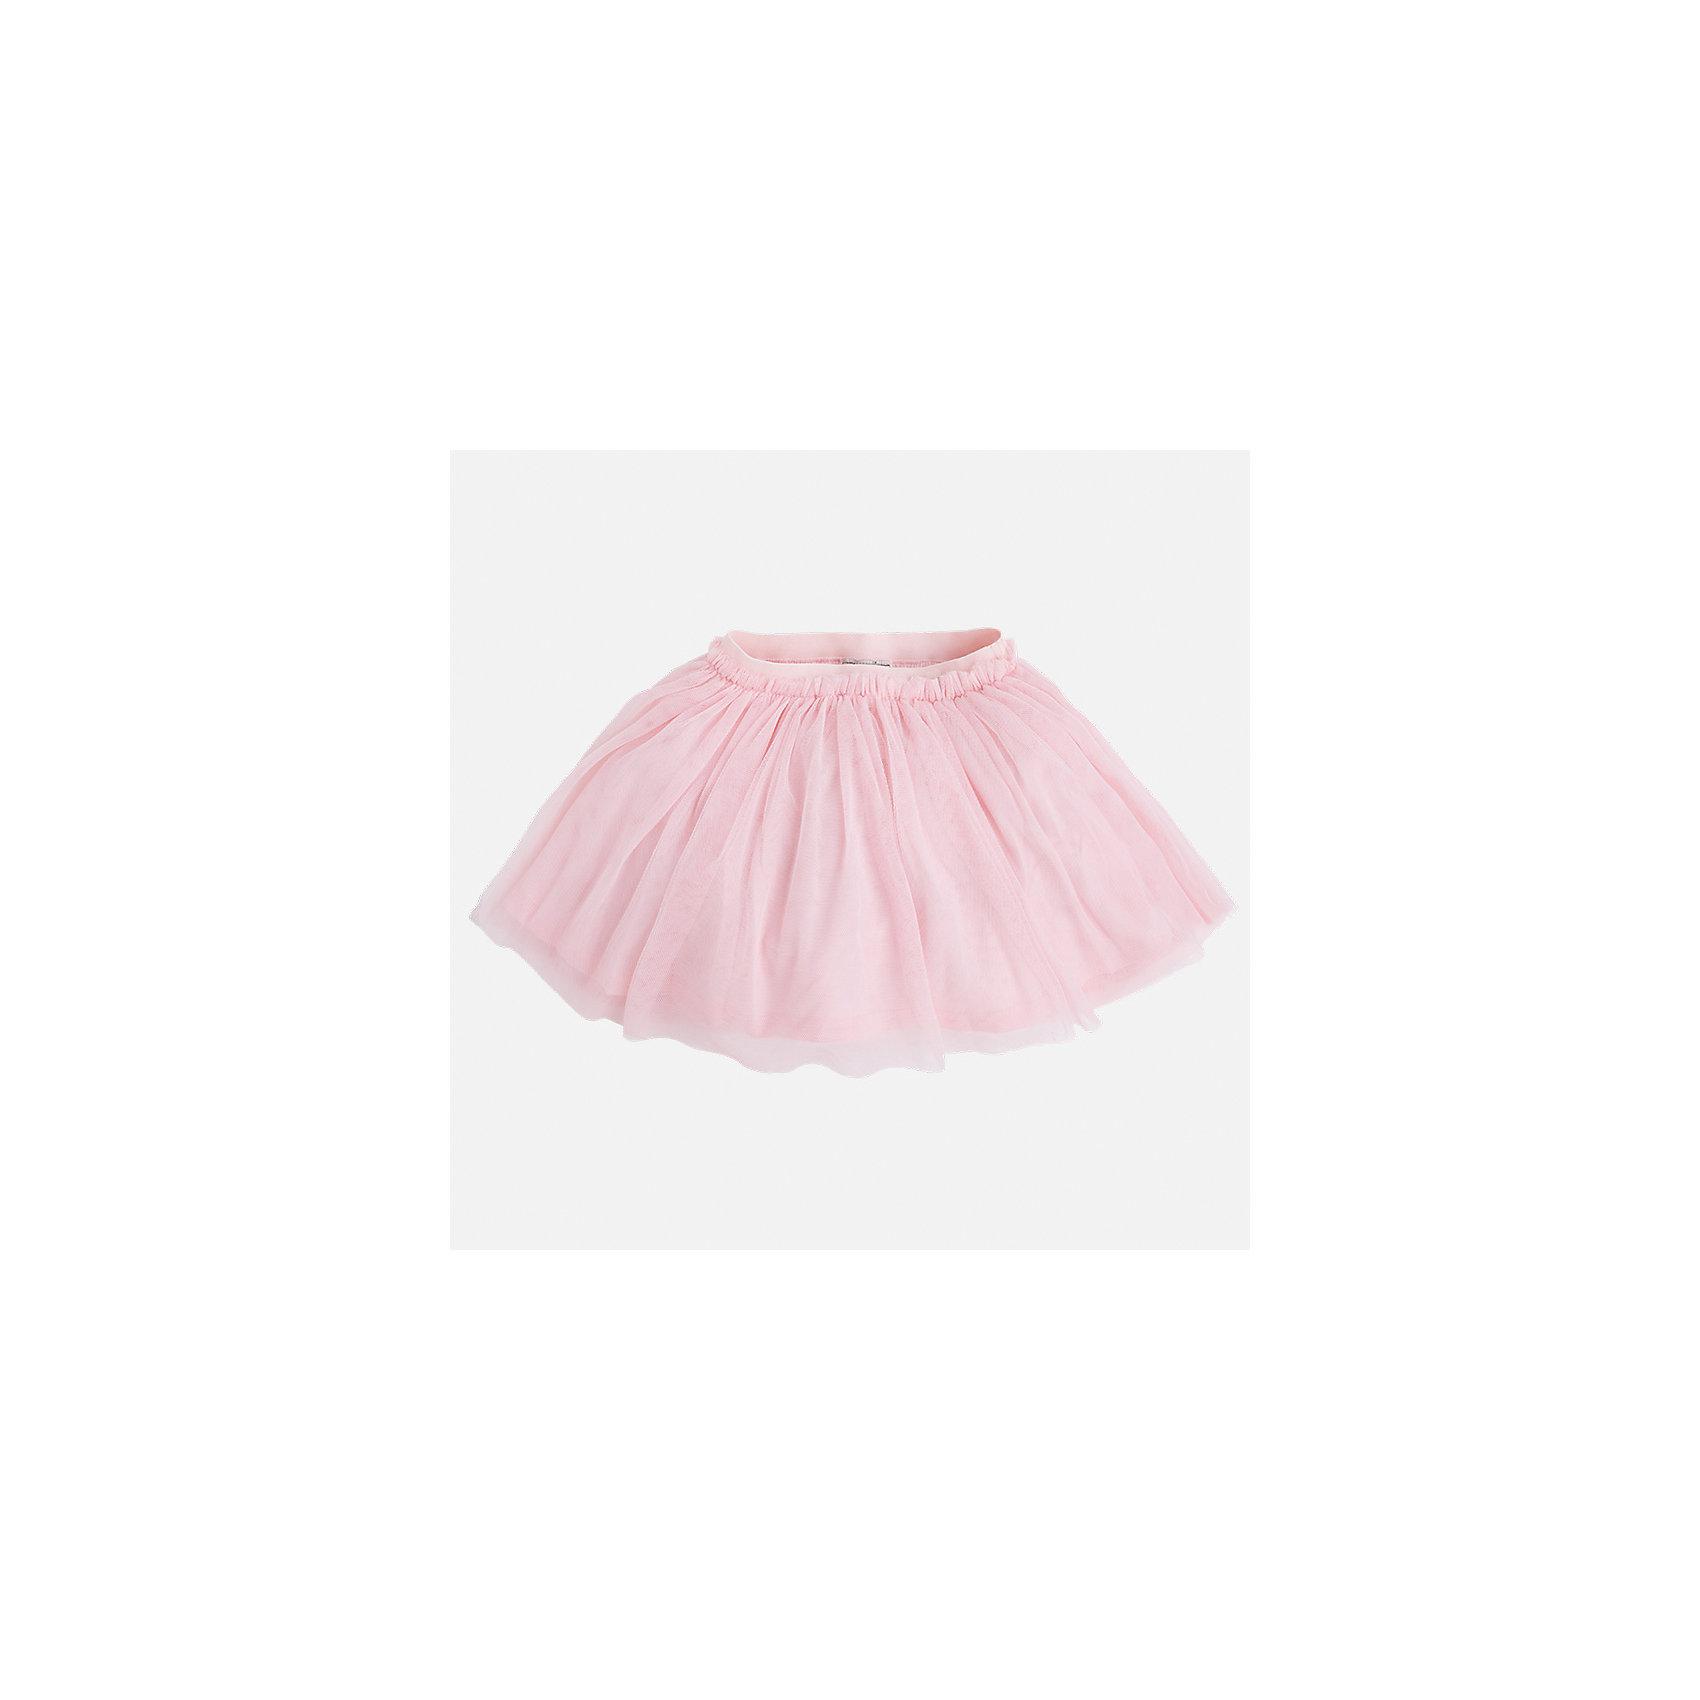 Юбка для девочки MayoralЮбки<br>Характеристики товара:<br><br>• цвет: розовый<br>• состав: 100% полиэстер, подкладка - 100% хлопок<br>• пояс на резинке<br>• легкий материал<br>• с подкладкой<br>• объемная<br>• страна бренда: Испания<br><br>Легкая юбка для девочки поможет разнообразить гардероб ребенка и создать эффектный наряд. Она отлично сочетаются с майками, футболками, блузками. Красивый оттенок позволяет подобрать к вещи верх разных расцветок. В составе материала подкладки - натуральный хлопок, гипоаллергенный, приятный на ощупь, дышащий. Юбка отлично сидит и не стесняет движения.<br><br>Одежда, обувь и аксессуары от испанского бренда Mayoral полюбились детям и взрослым по всему миру. Модели этой марки - стильные и удобные. Для их производства используются только безопасные, качественные материалы и фурнитура. Порадуйте ребенка модными и красивыми вещами от Mayoral! <br><br>Юбку для девочки от испанского бренда Mayoral (Майорал) можно купить в нашем интернет-магазине.<br><br>Ширина мм: 207<br>Глубина мм: 10<br>Высота мм: 189<br>Вес г: 183<br>Цвет: розовый<br>Возраст от месяцев: 18<br>Возраст до месяцев: 24<br>Пол: Женский<br>Возраст: Детский<br>Размер: 92,134,98,104,110,116,122,128<br>SKU: 5290912